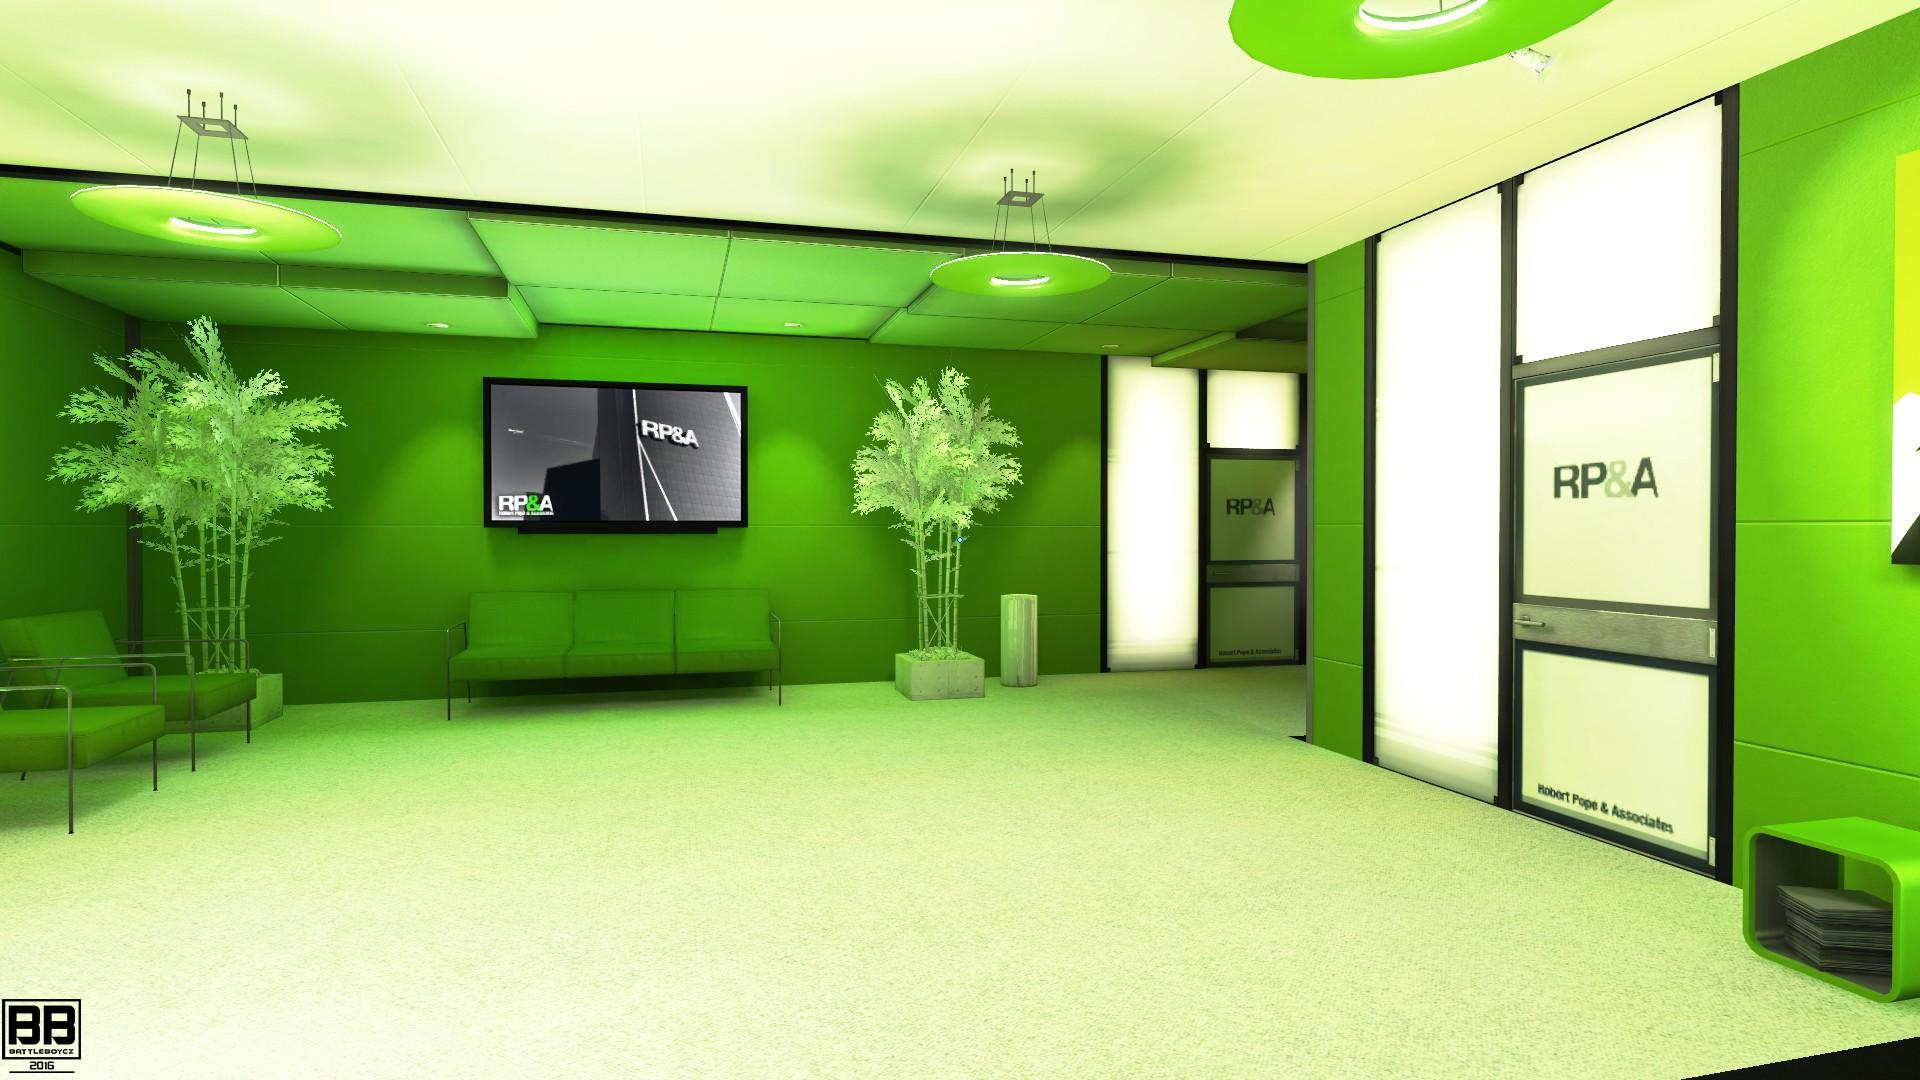 Fondos de pantalla luces videojuegos ciudad for Diseno de interiores hd